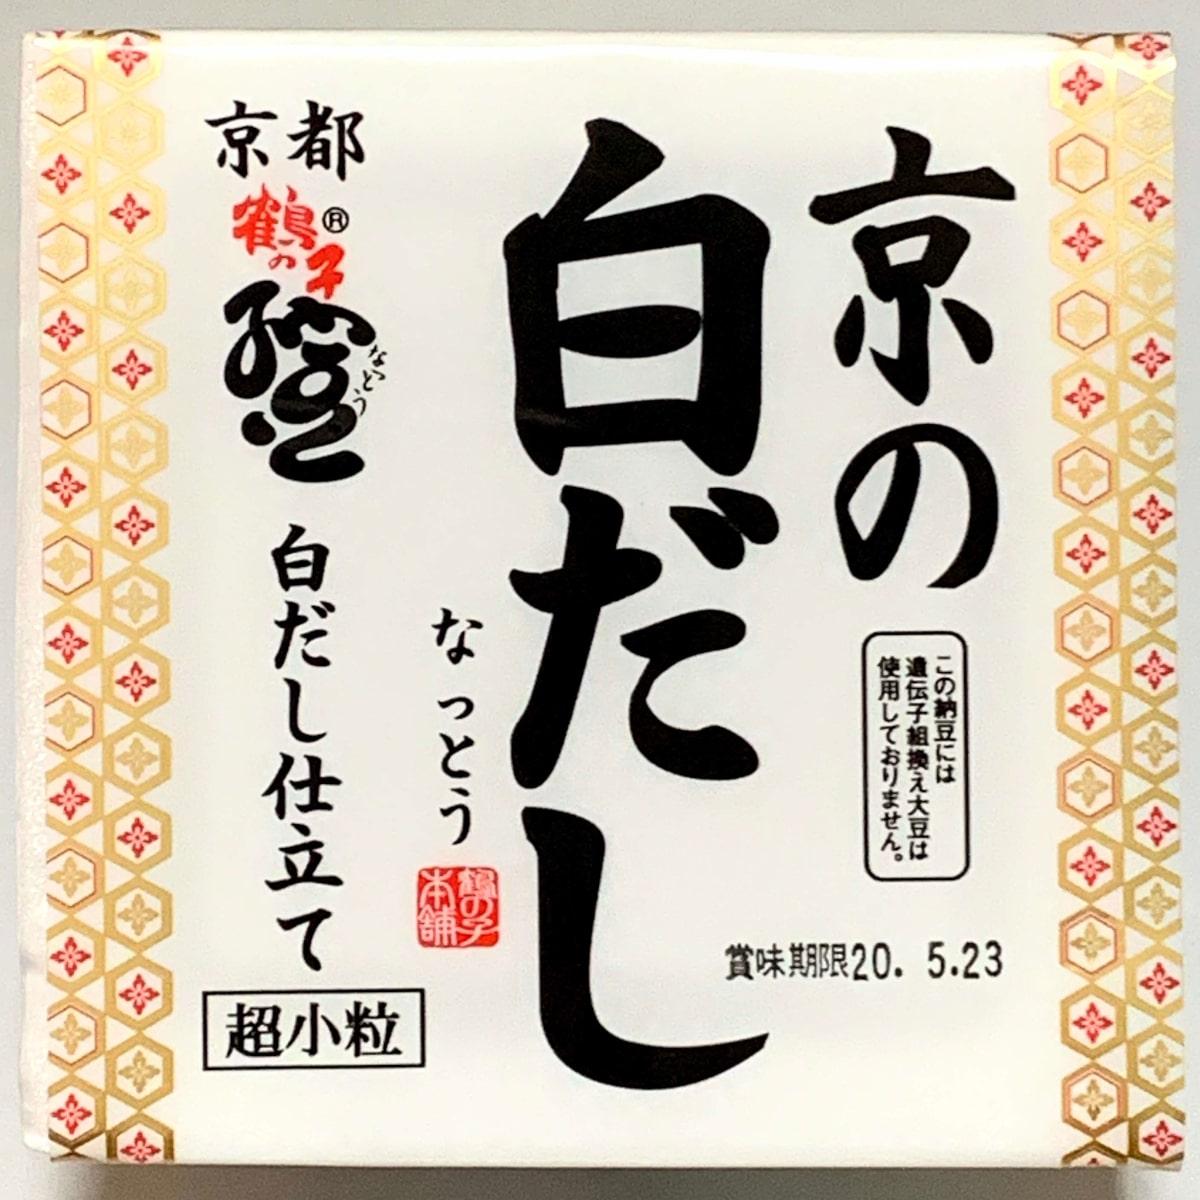 高橋食品工業「京の白だし納豆」